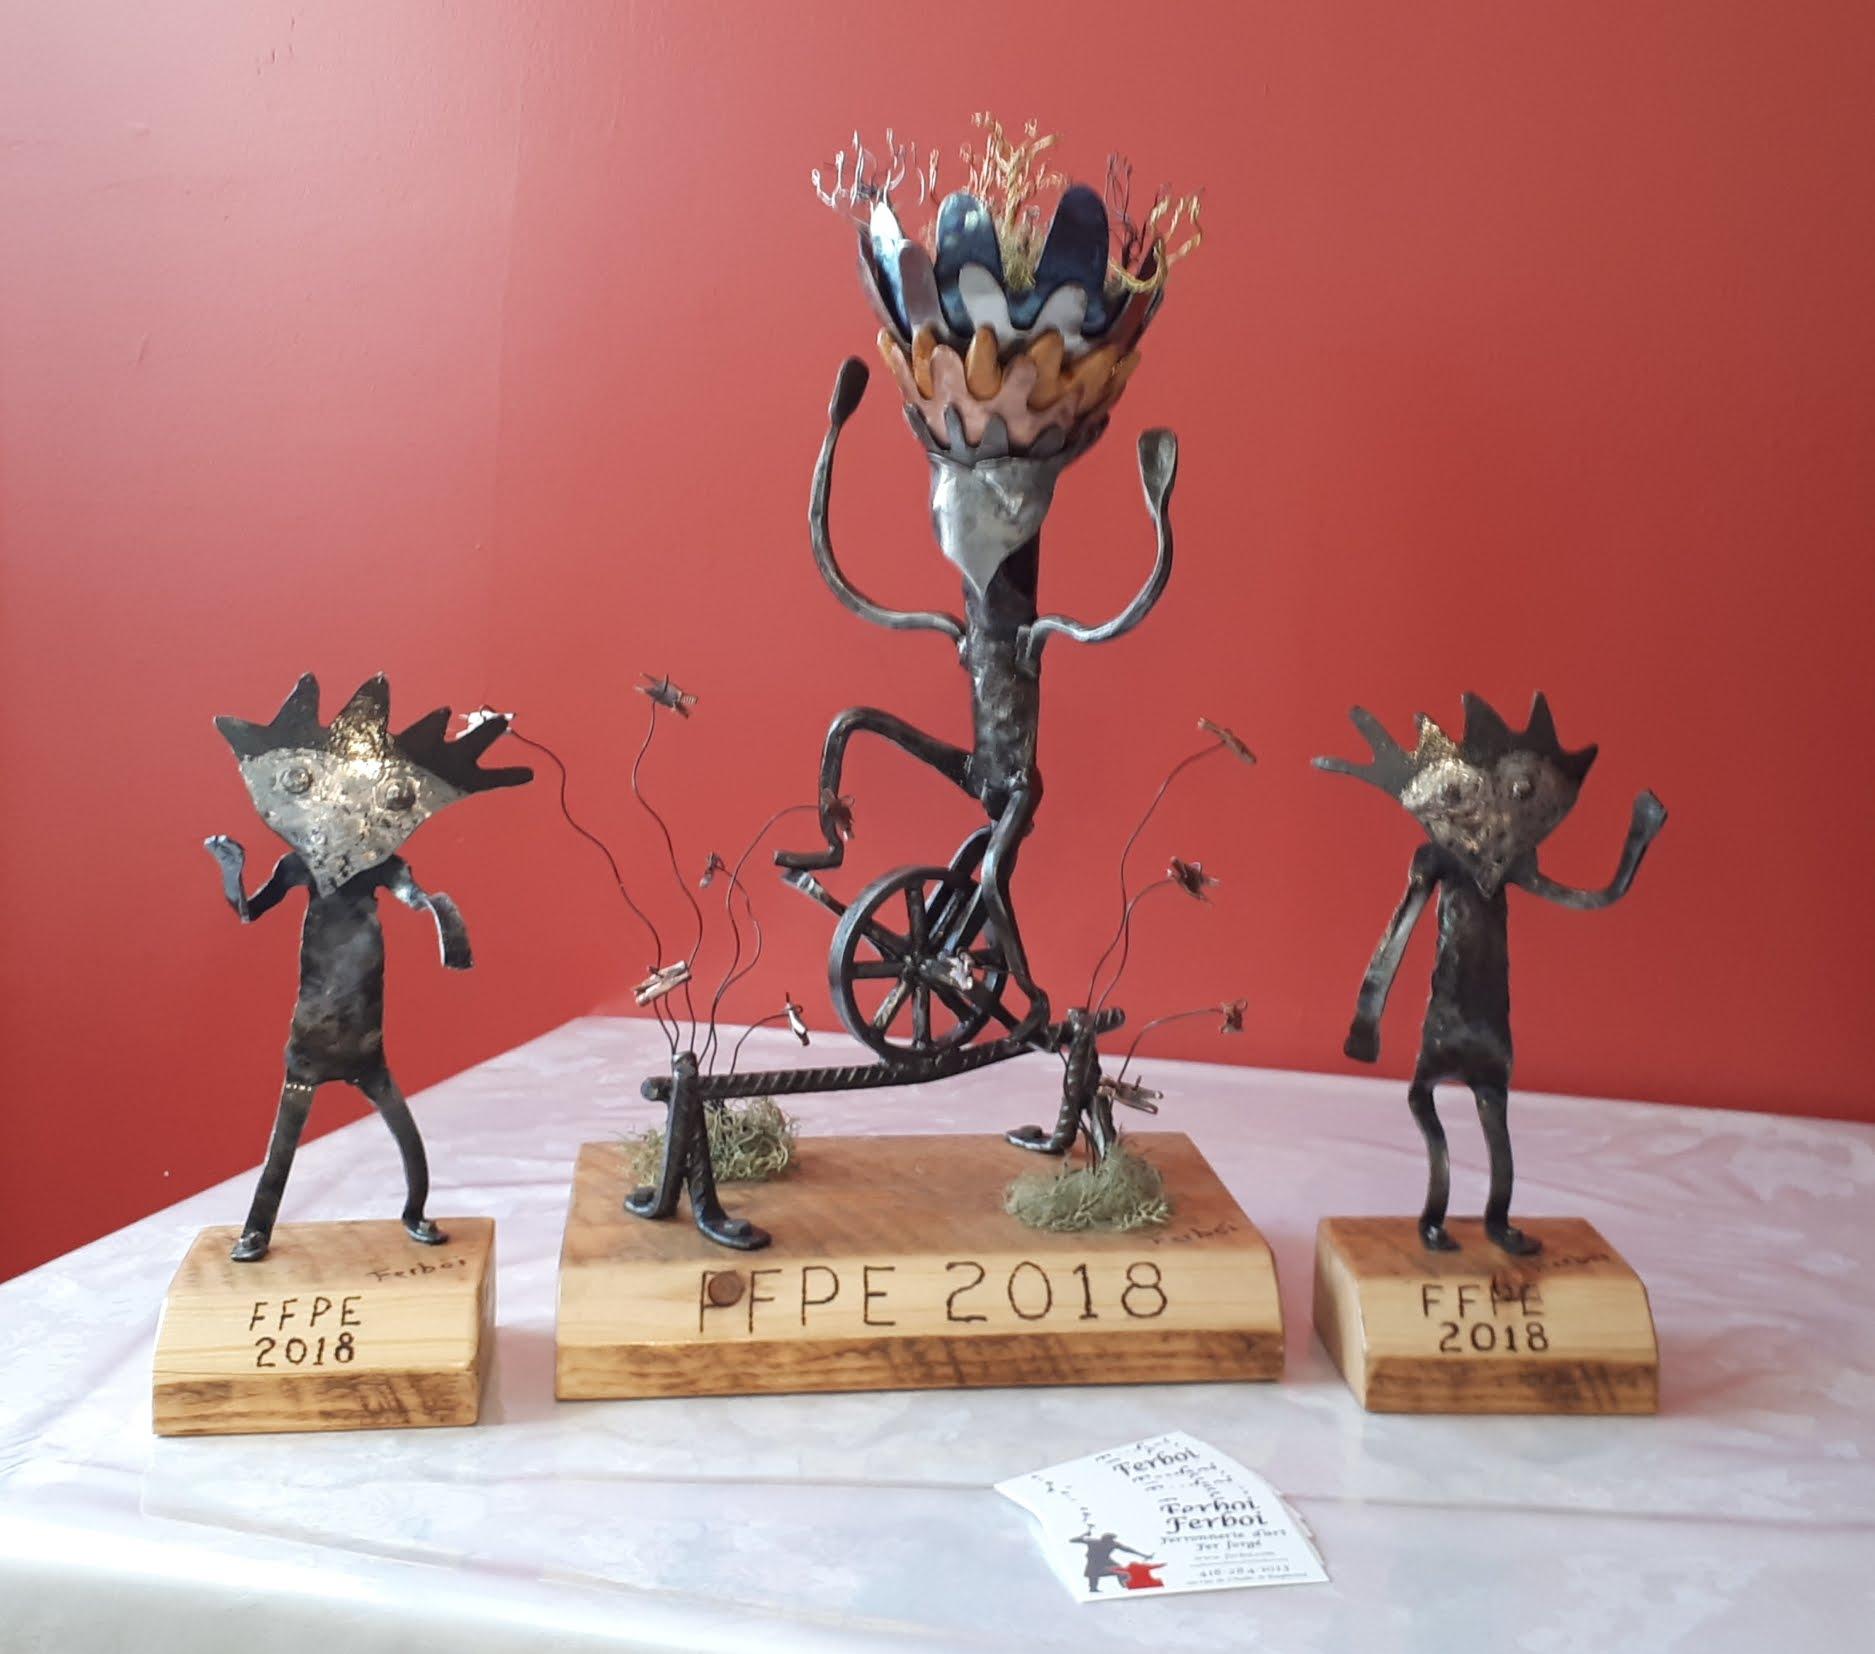 Sculpture FFPE 2018